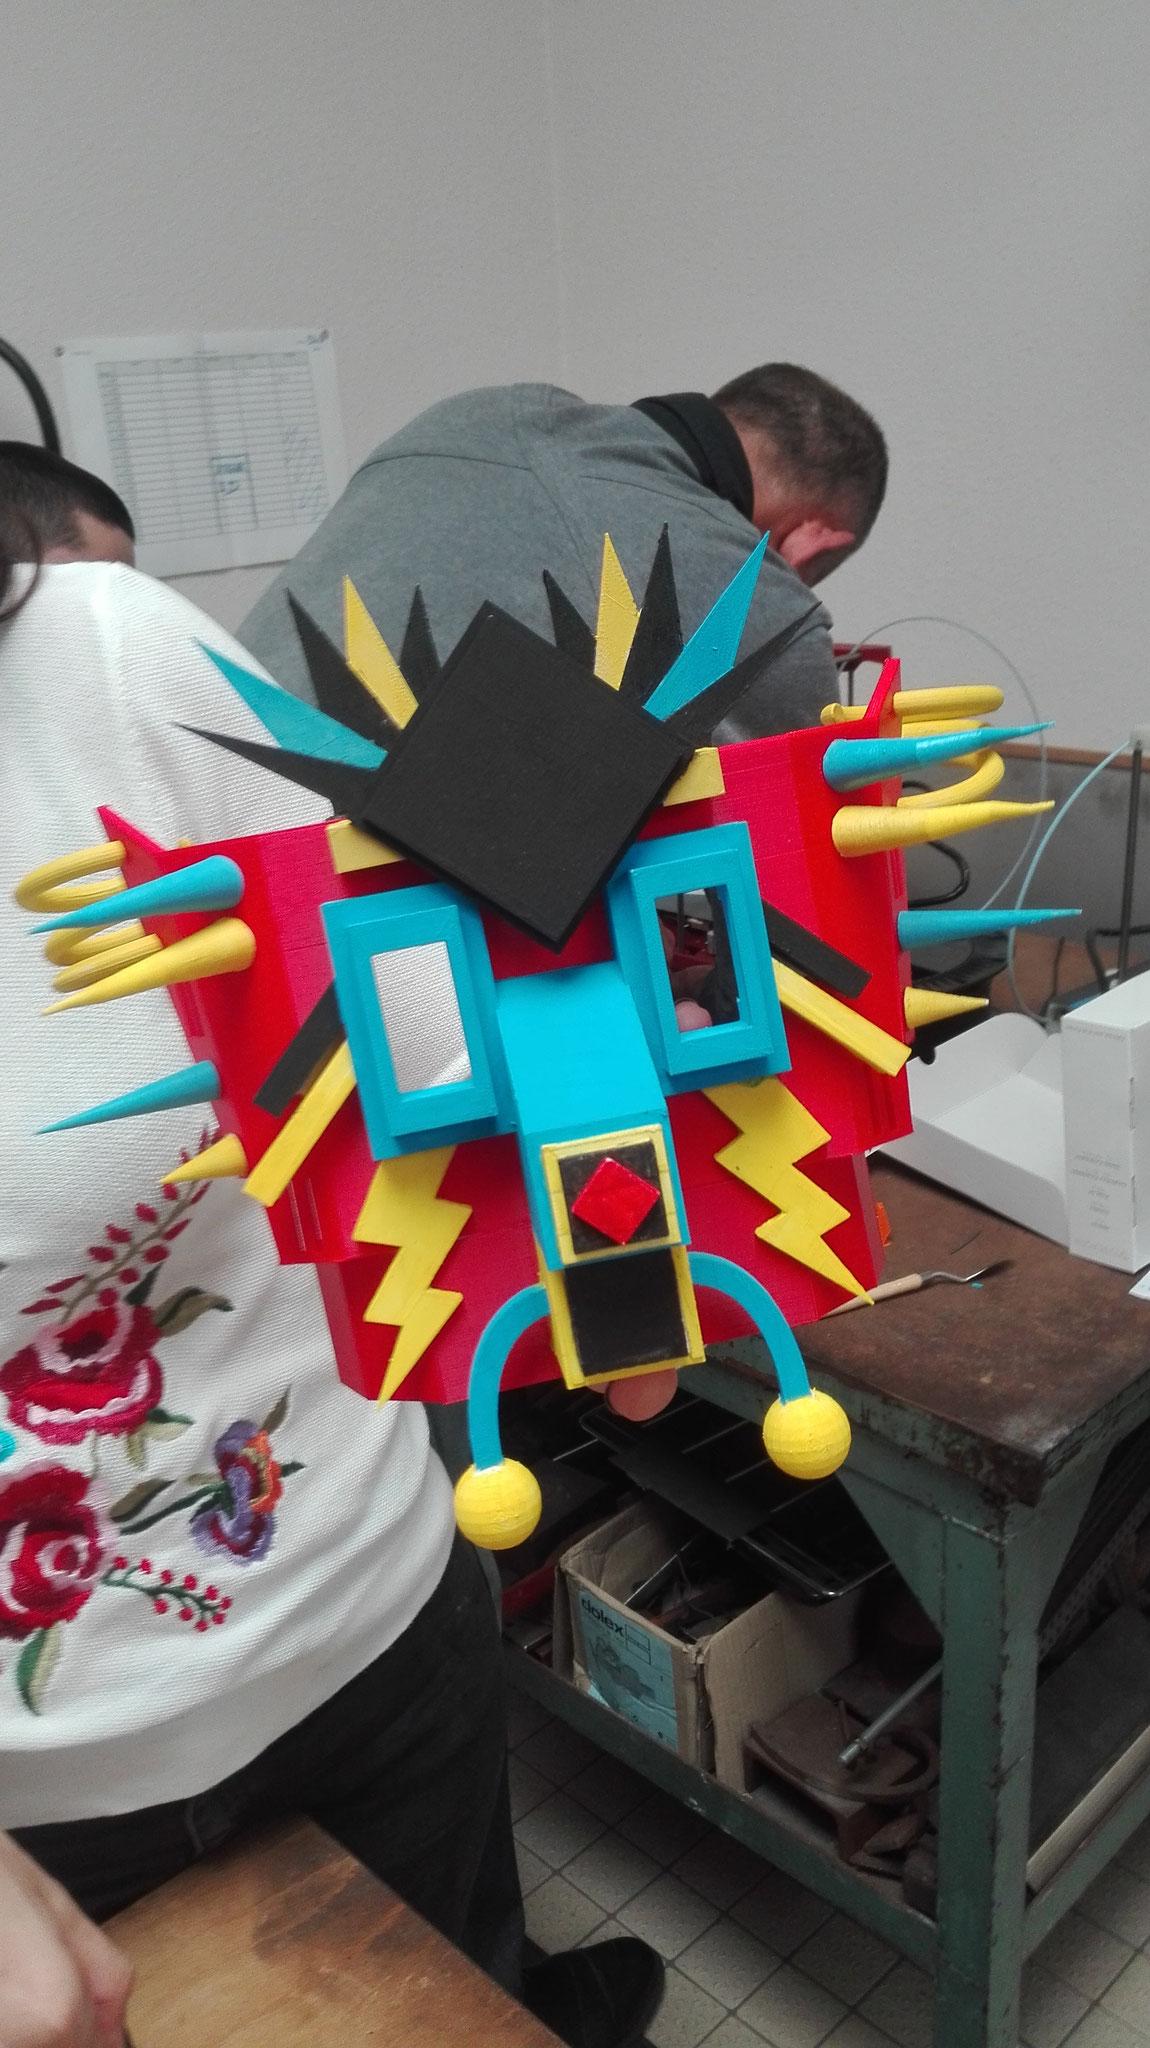 Masque fabriqué avec l'imprimante 3D pour le carnaval